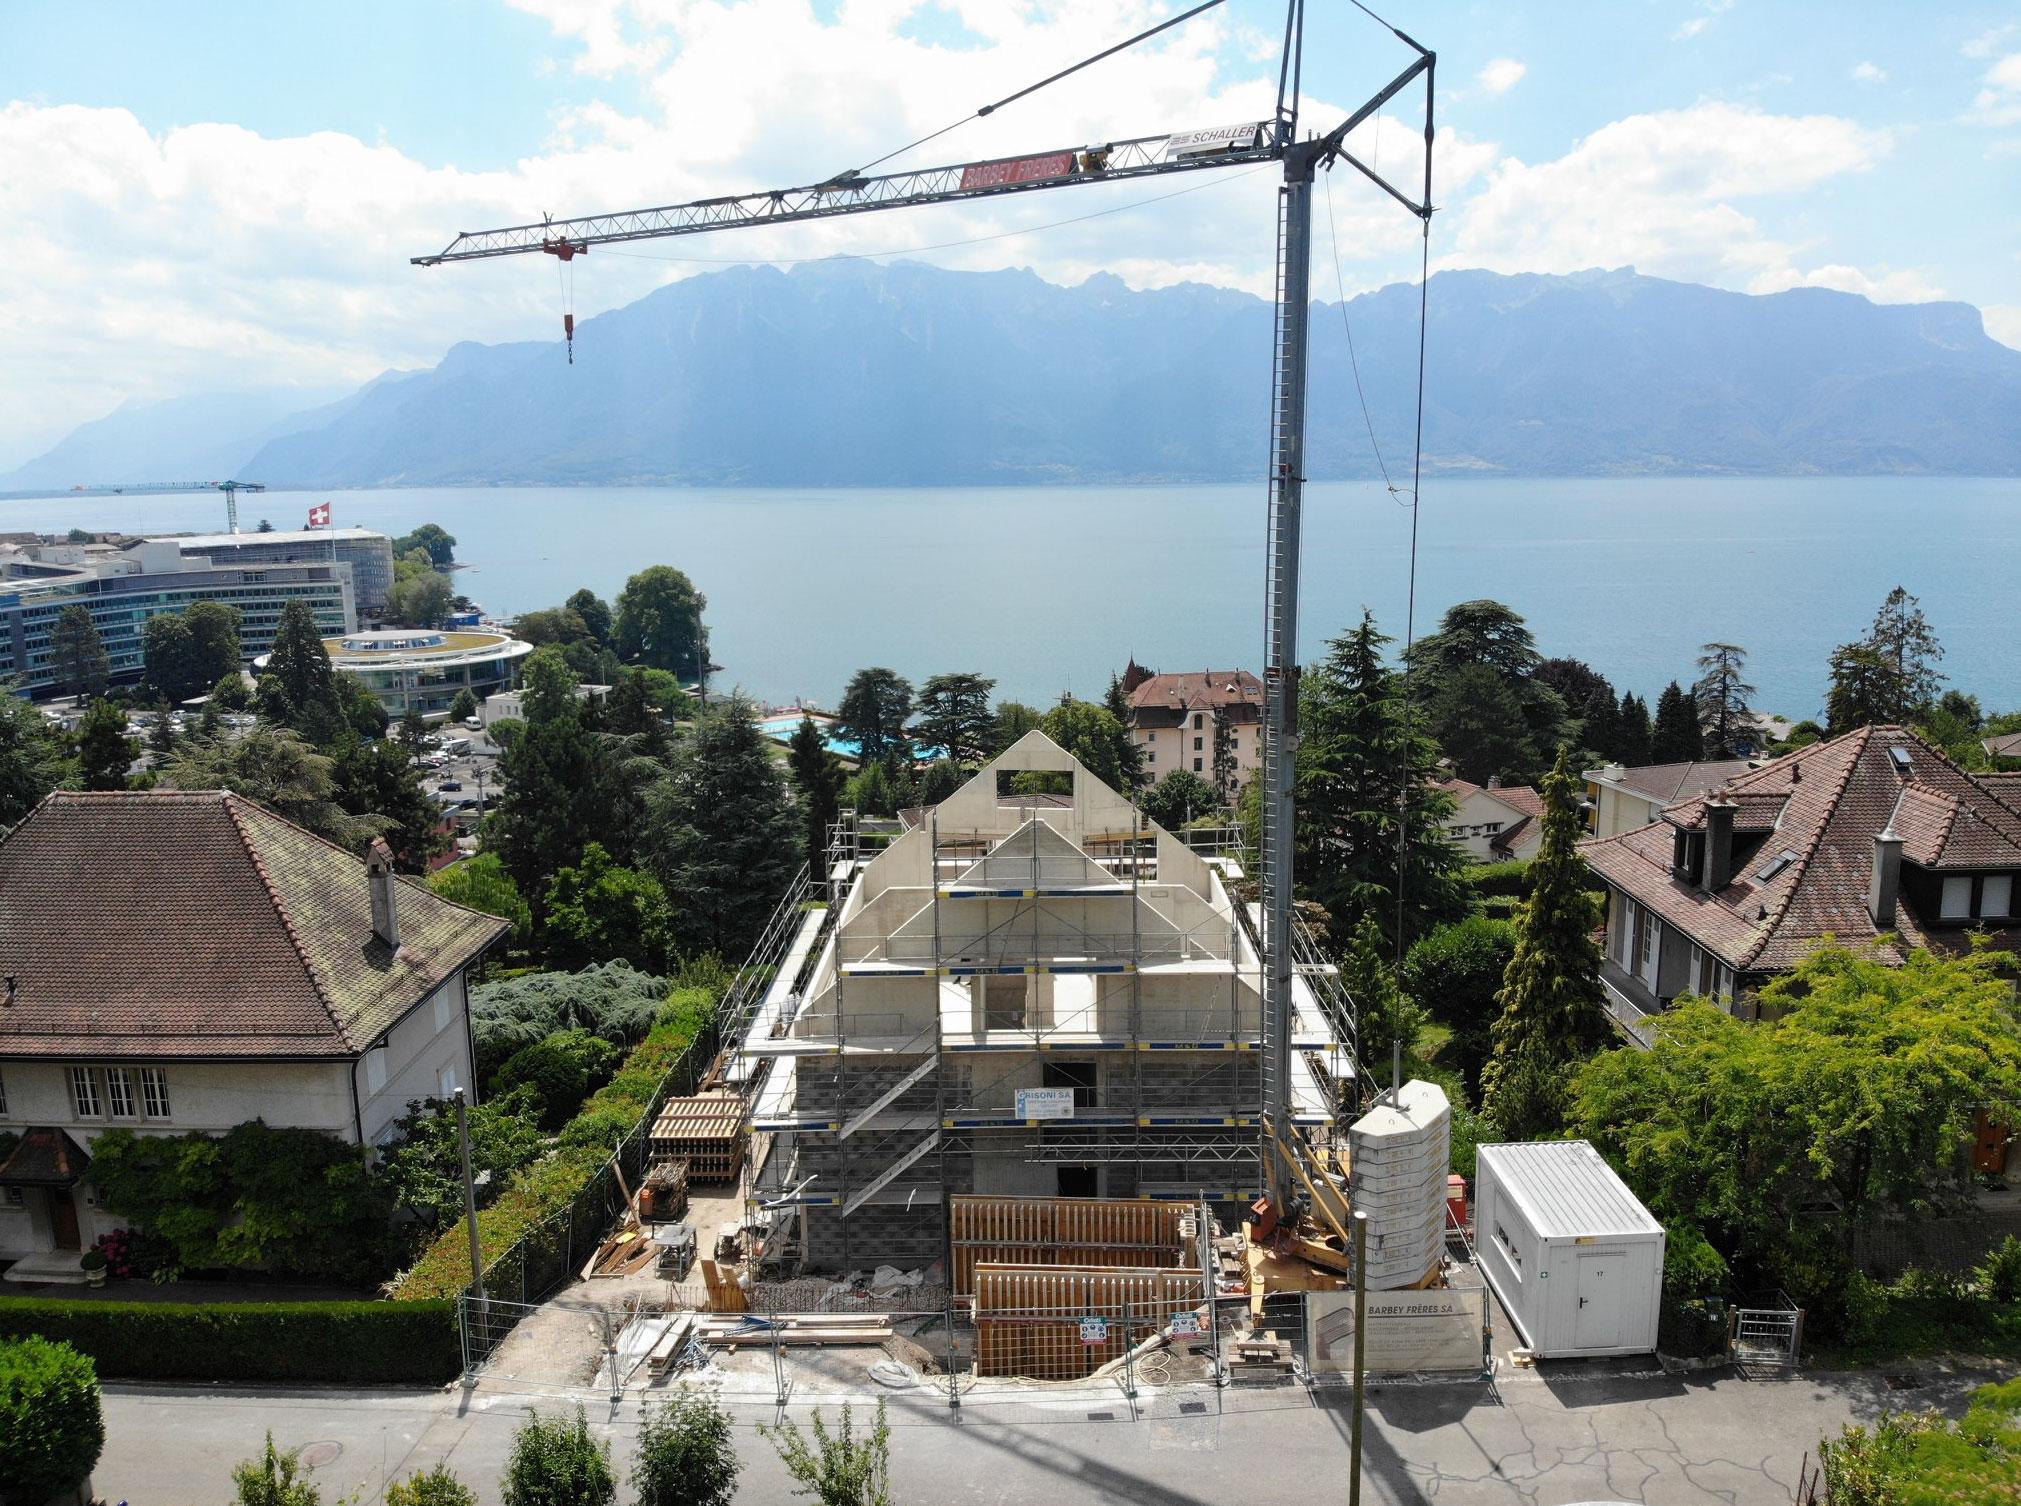 démolition et construction d'un immeuble de 3 appartements à corseaux - vaud - chantier